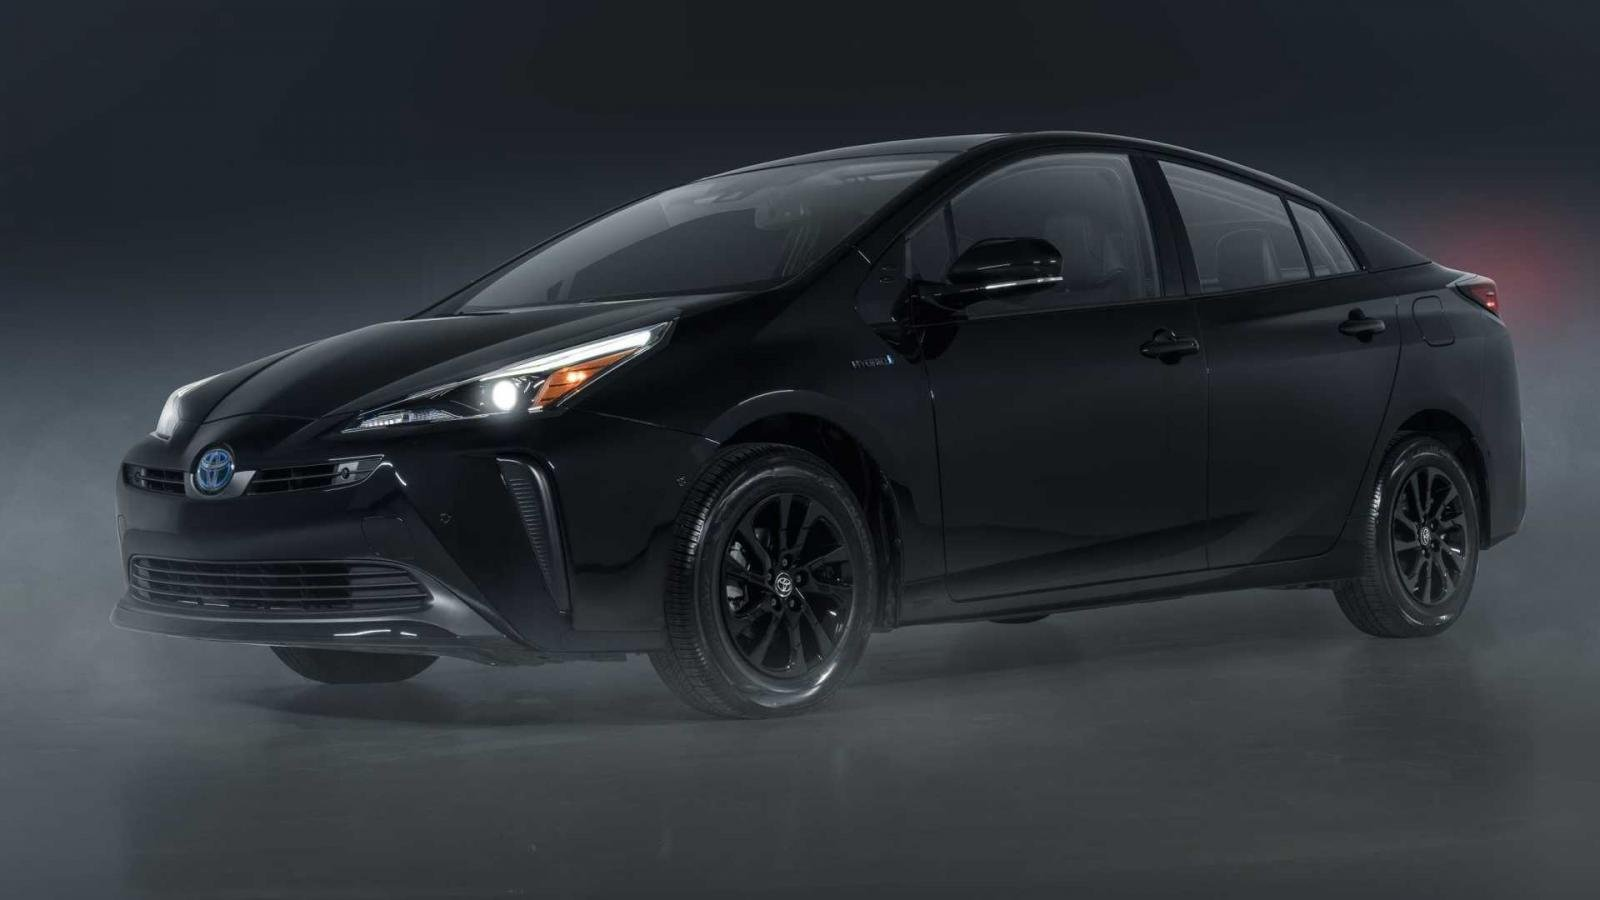 Toyota Prius 2022 Nightshade ấn tượng, bắt mắt và hầm hố.